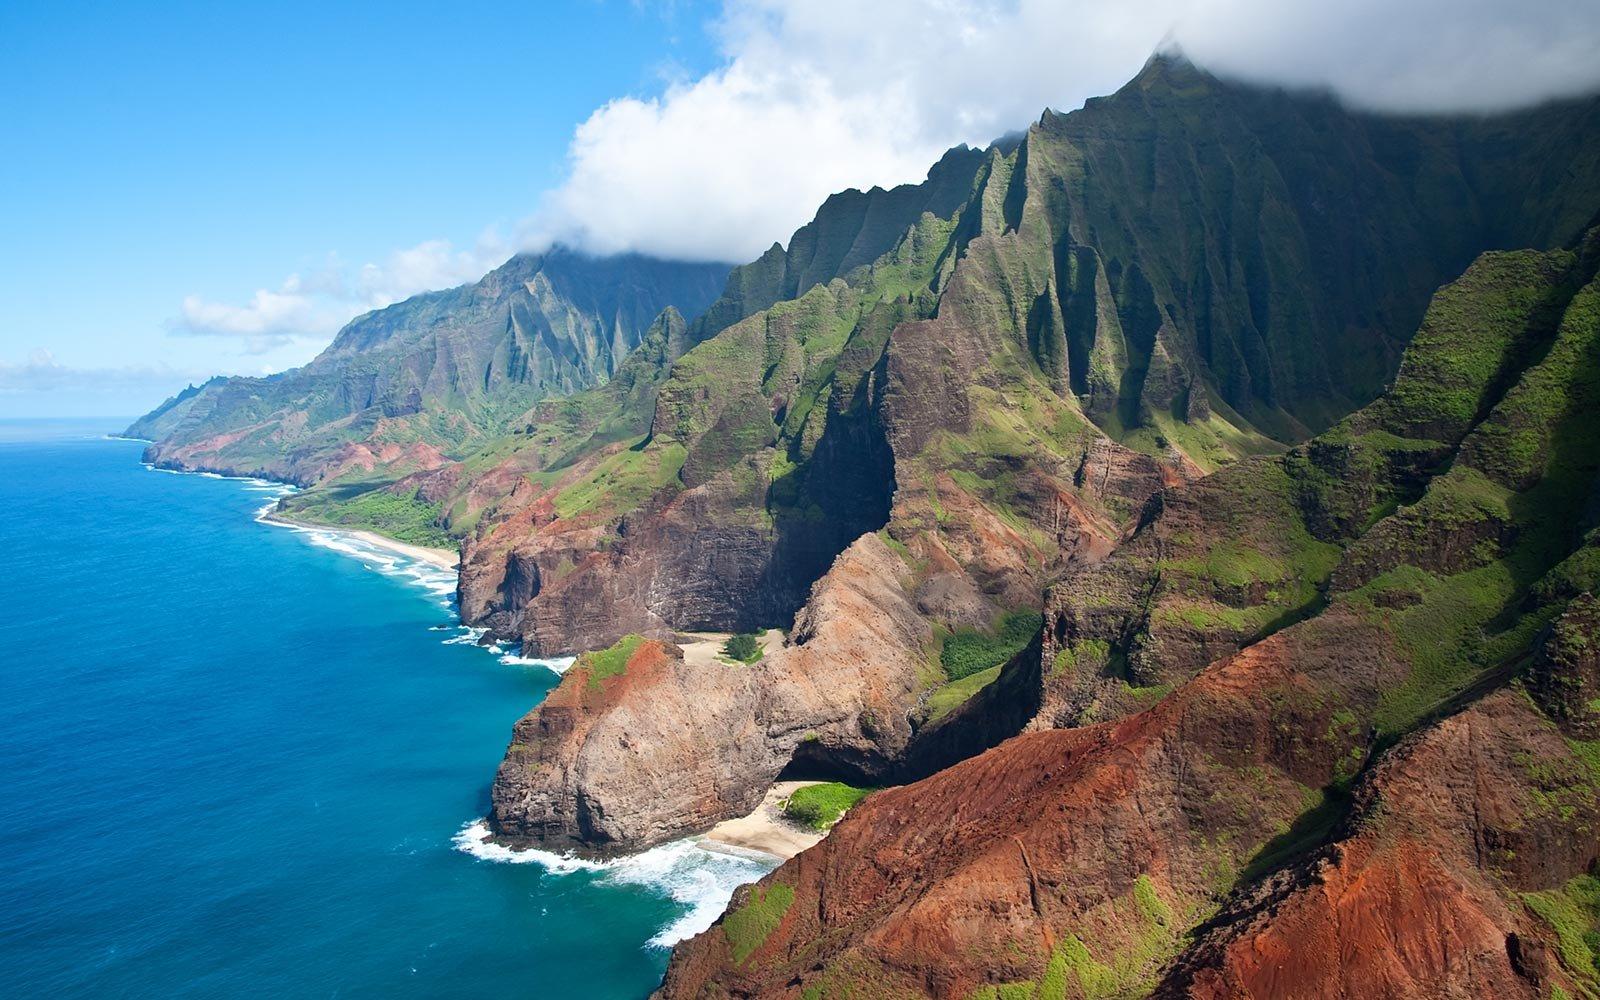 Dovolenka na Hawaii šikovne a lacno - Travelhacker.blog